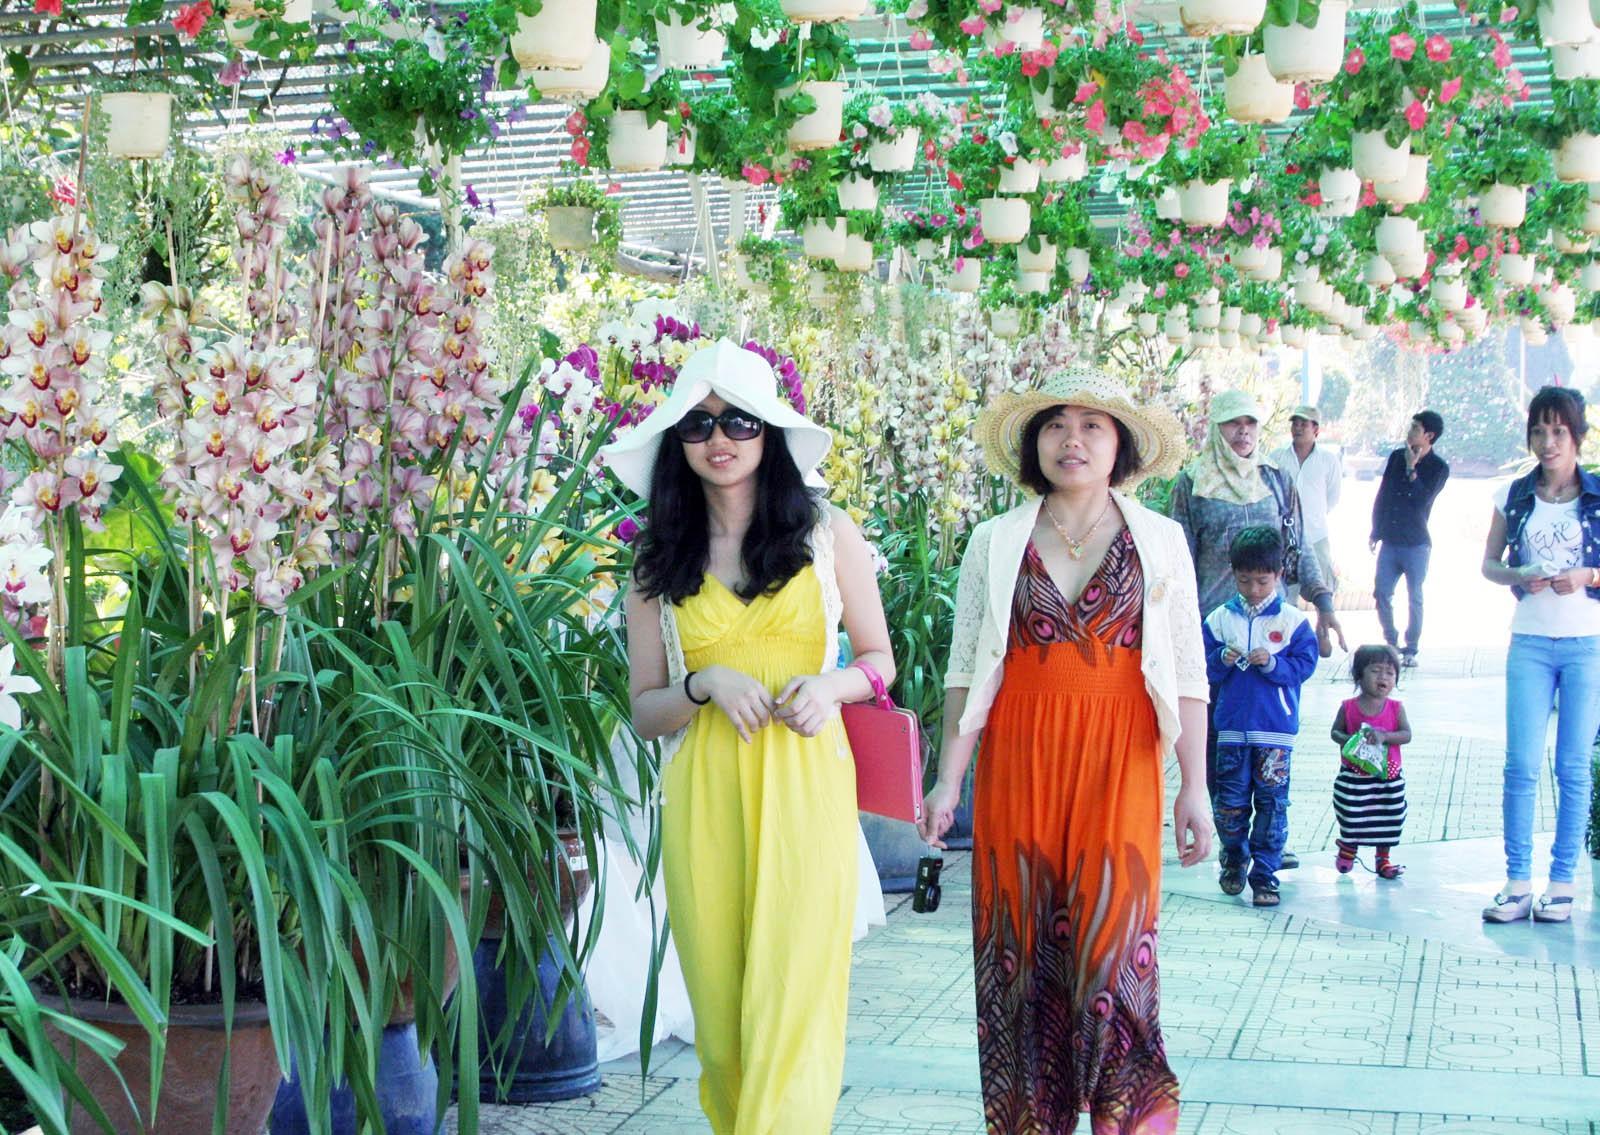 du khách trên thành phố hoa đà lạt